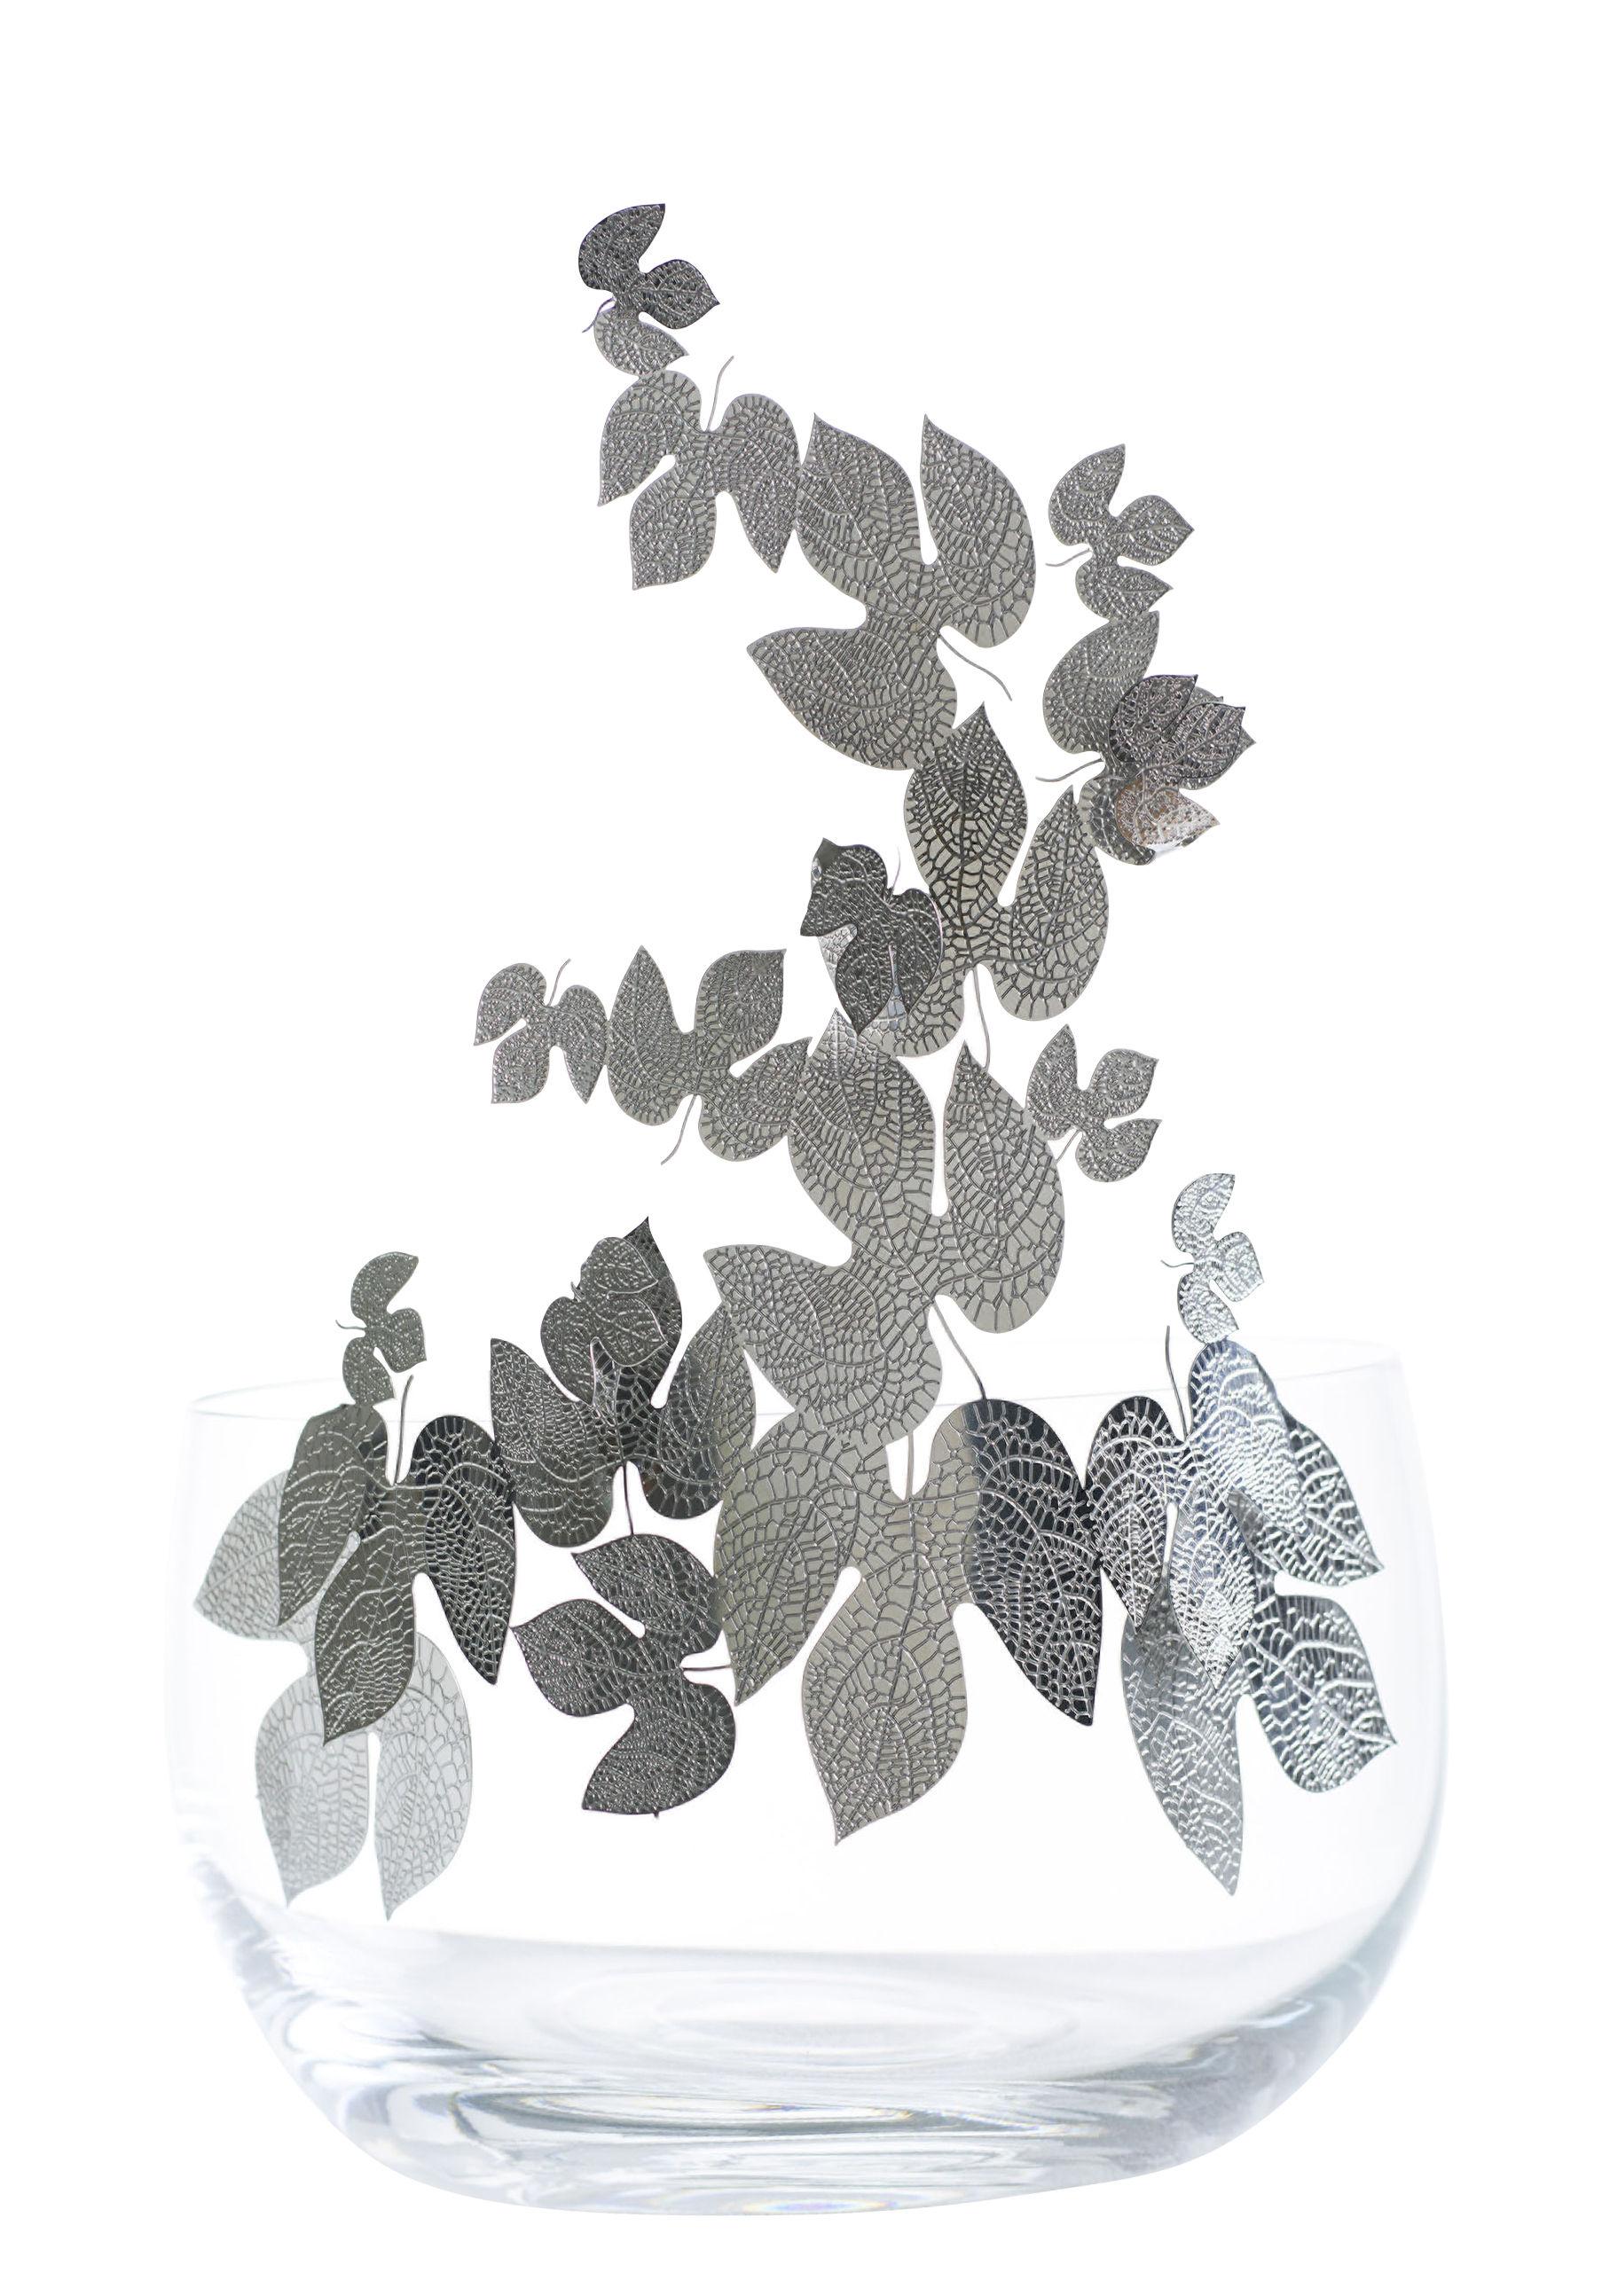 Arts de la table - Corbeilles, centres de table - Centre de table Frutteti Feuilles / Cristal & acier - Ø 21 cm - Opinion Ciatti - Feuilles / Argent - Acier inoxydable, Cristal de Bohême